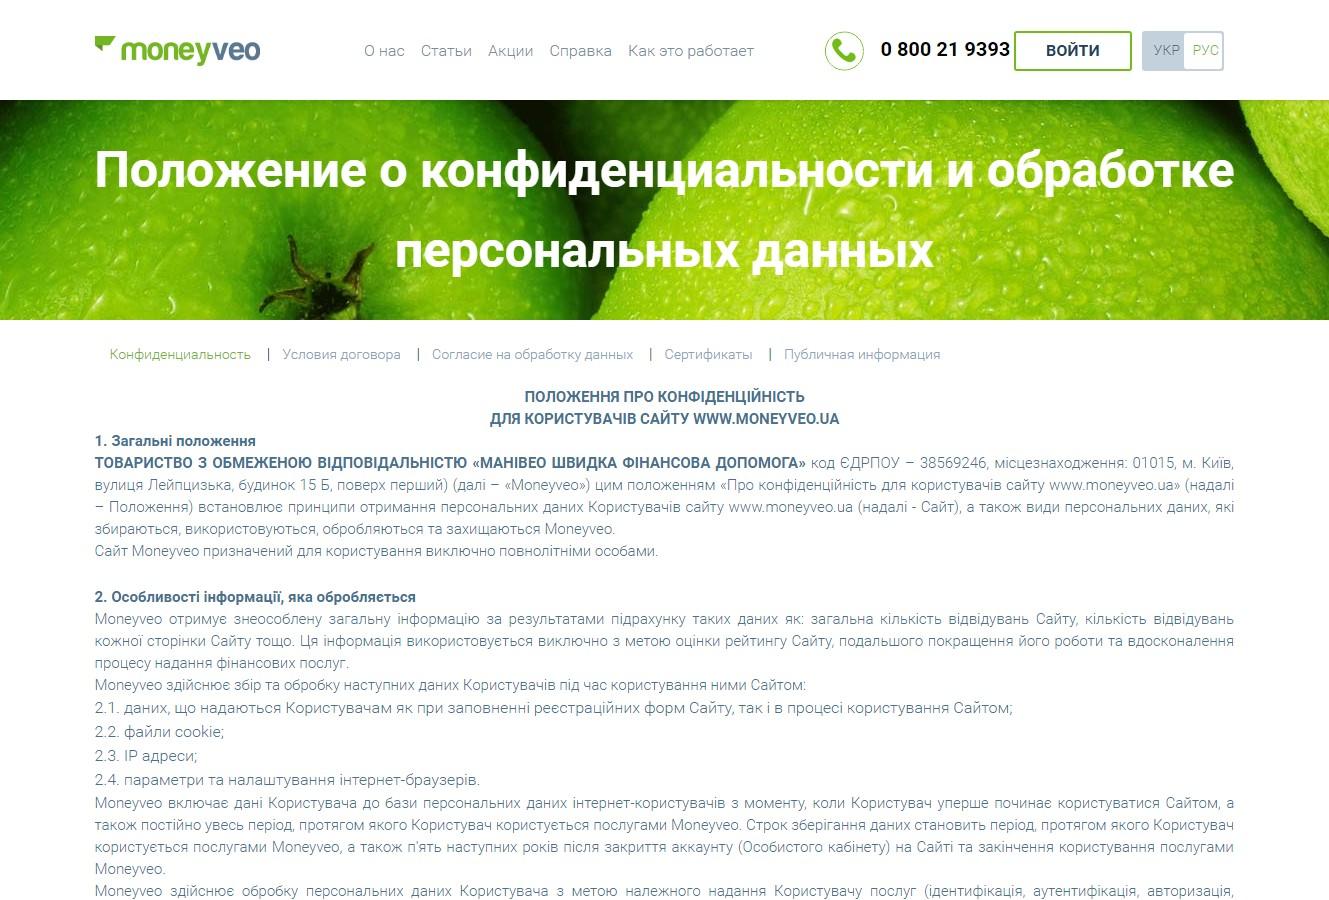 Промокод Манивео Август 2017 1bf3152f5fa